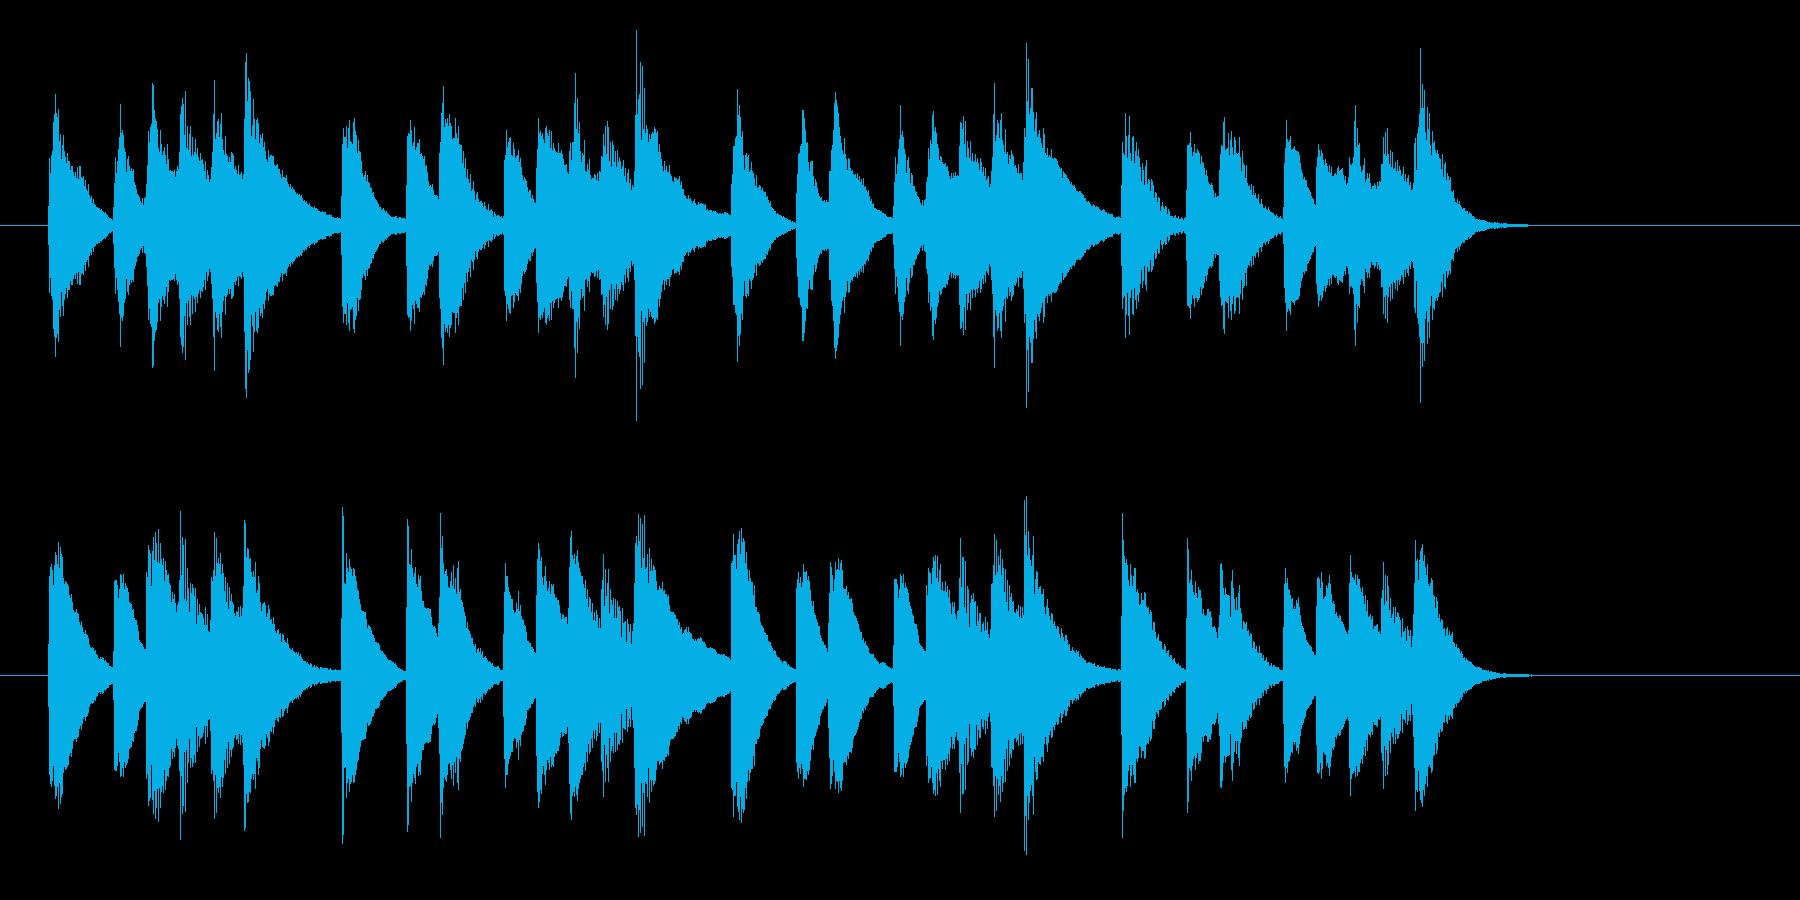 ほっと一息つくピアノジングル 9秒の再生済みの波形